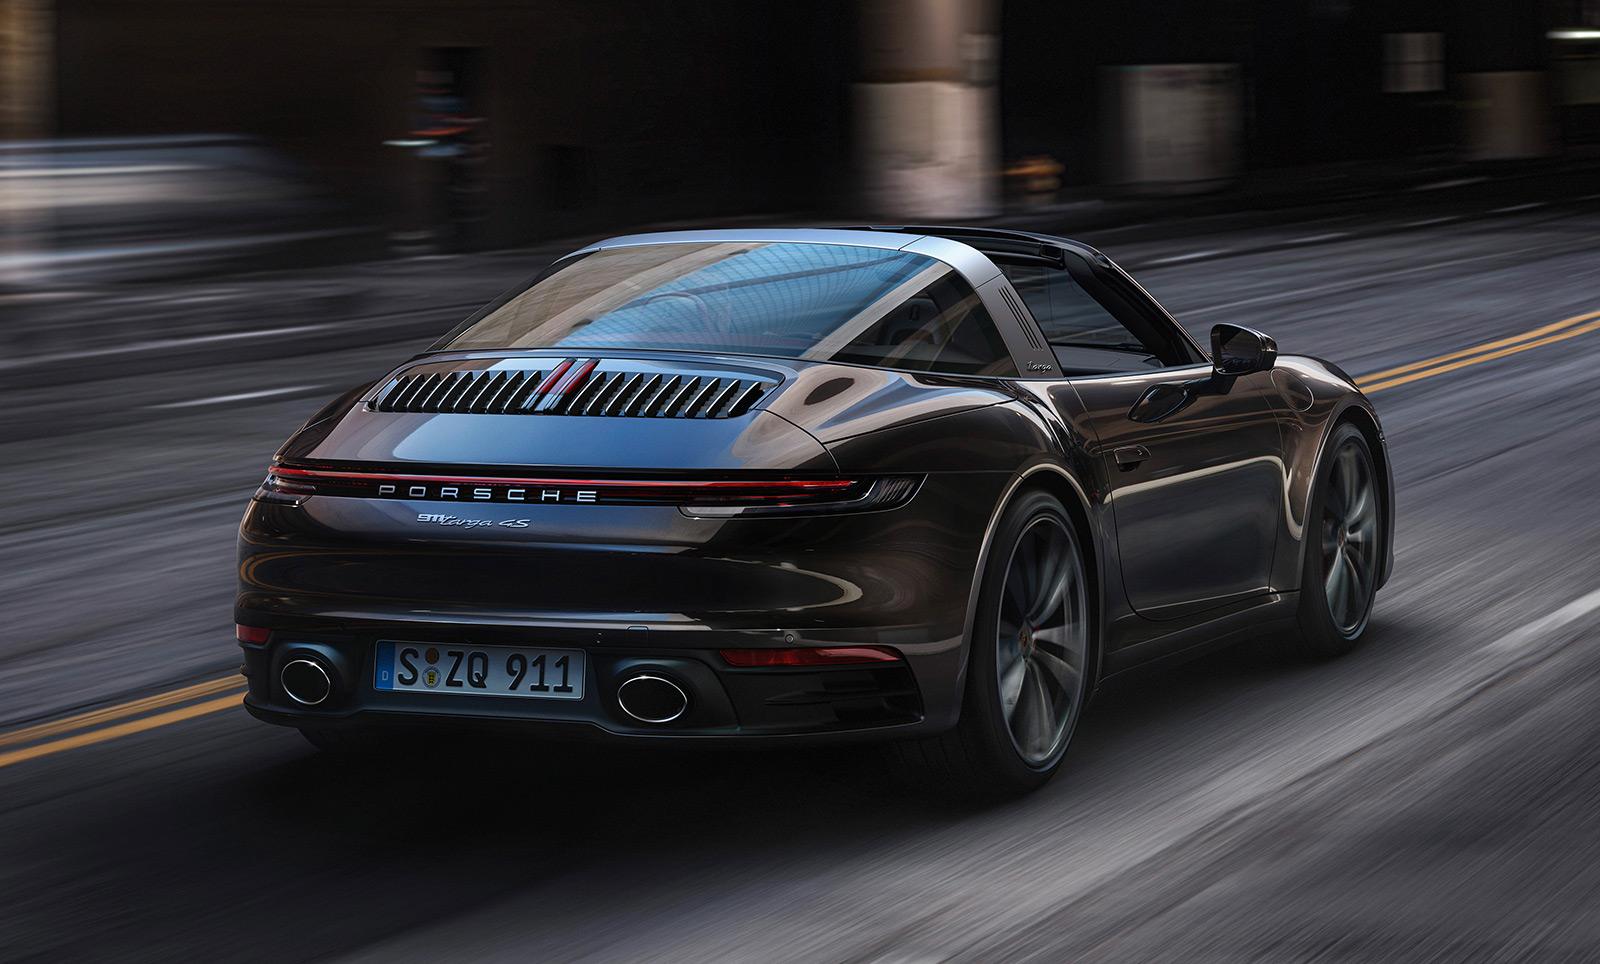 2020 Porsche 911 (992) Targa 4S